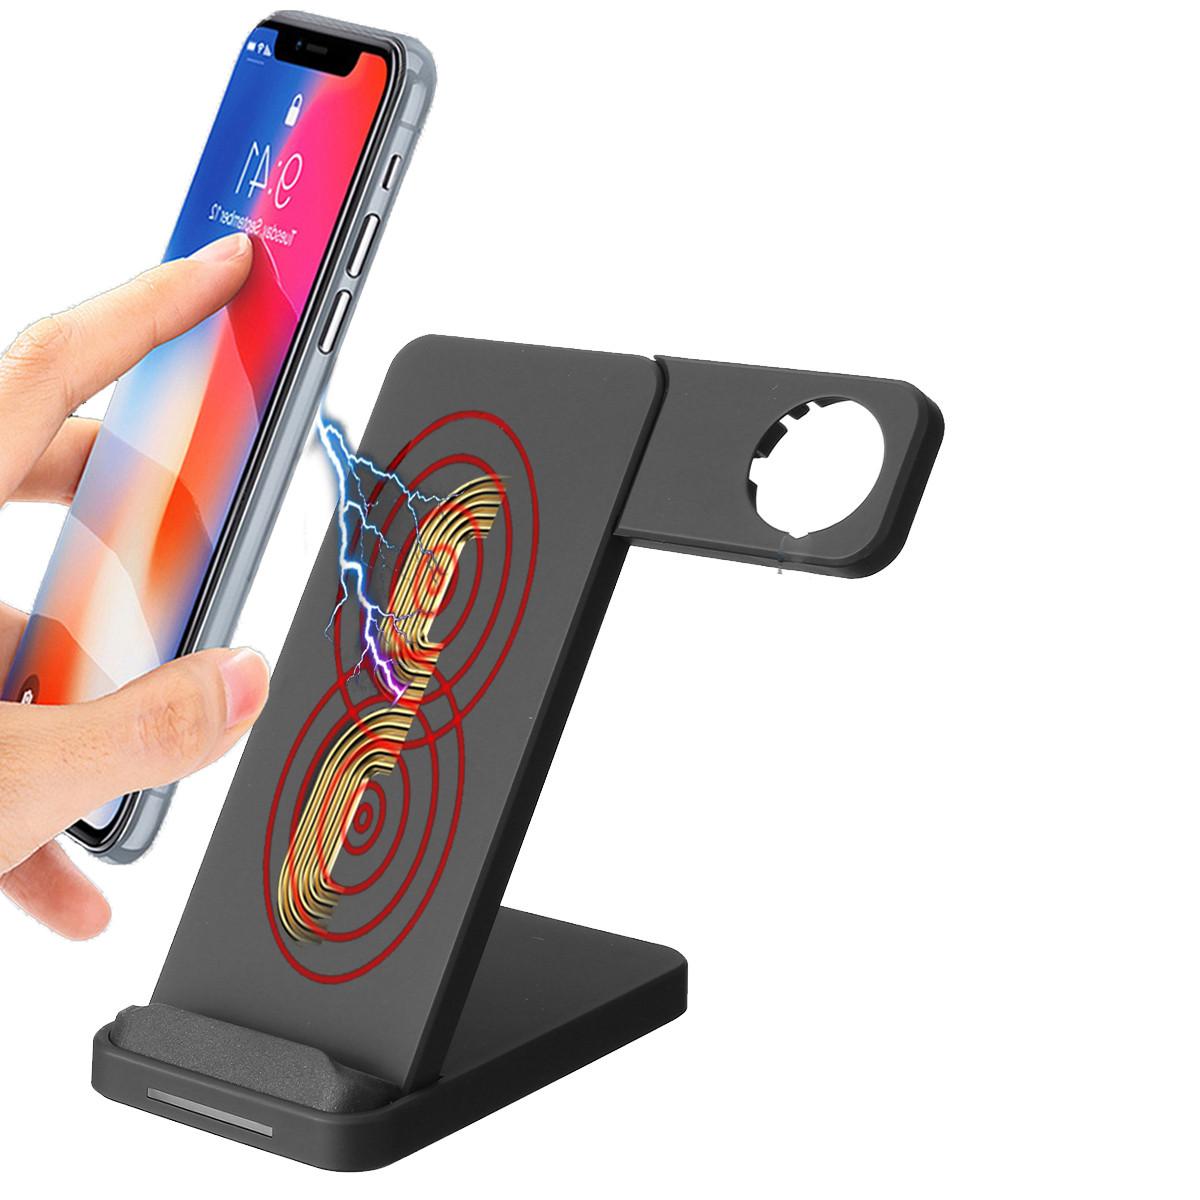 10W Dual Coils Qi Беспроводное зарядное устройство Быстрая зарядка + Держатель для часов для смартфона с поддержкой Qi iPhone Samsung Apple Watch -